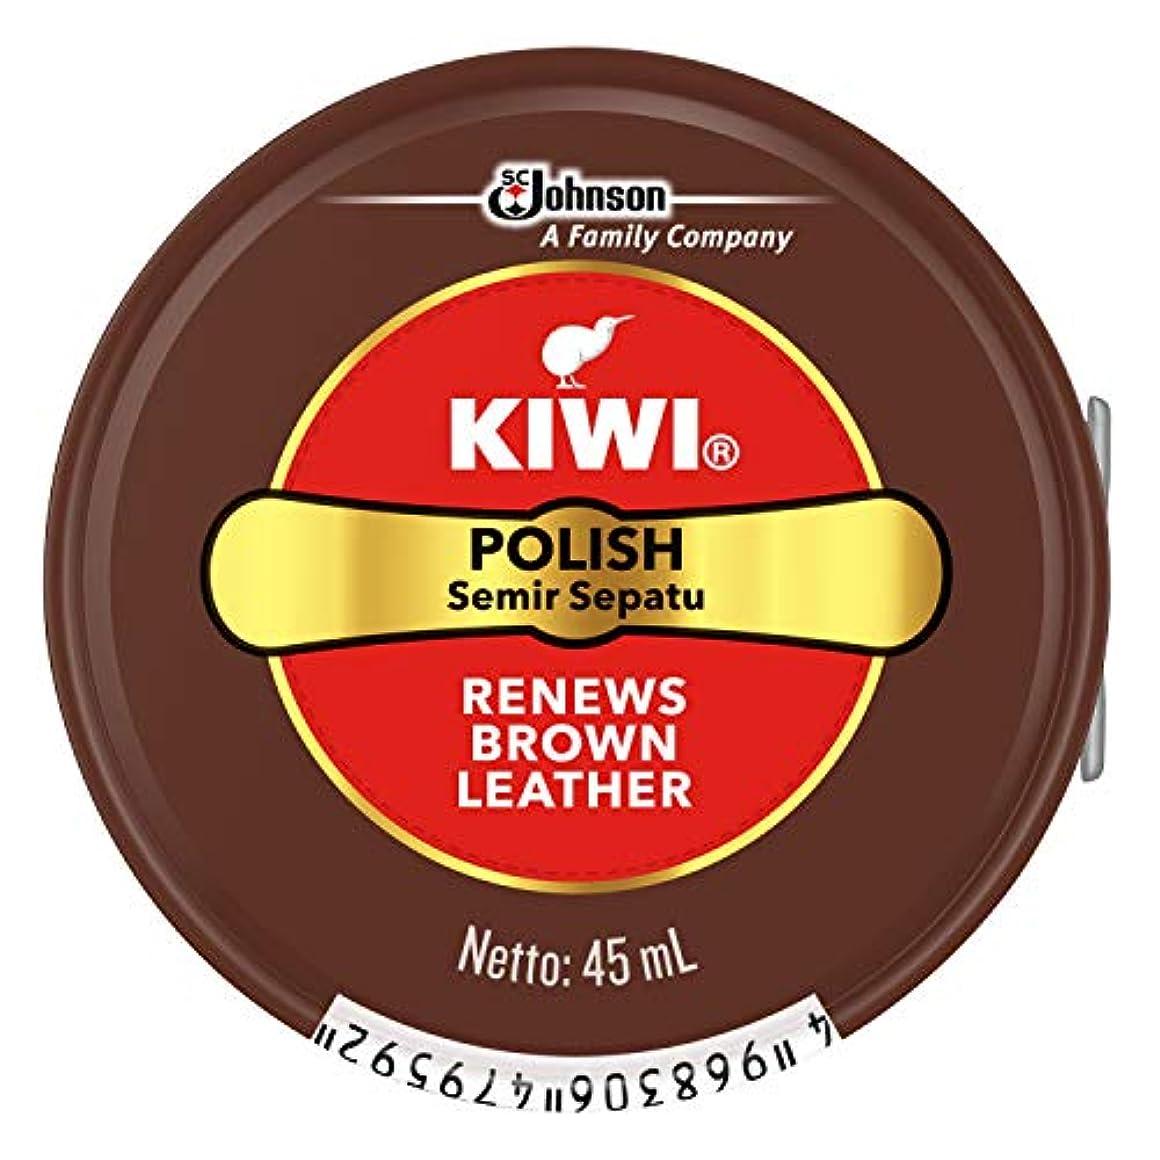 落ち着かない禁止出席KIWI 油性靴クリーム 茶系用 45ml